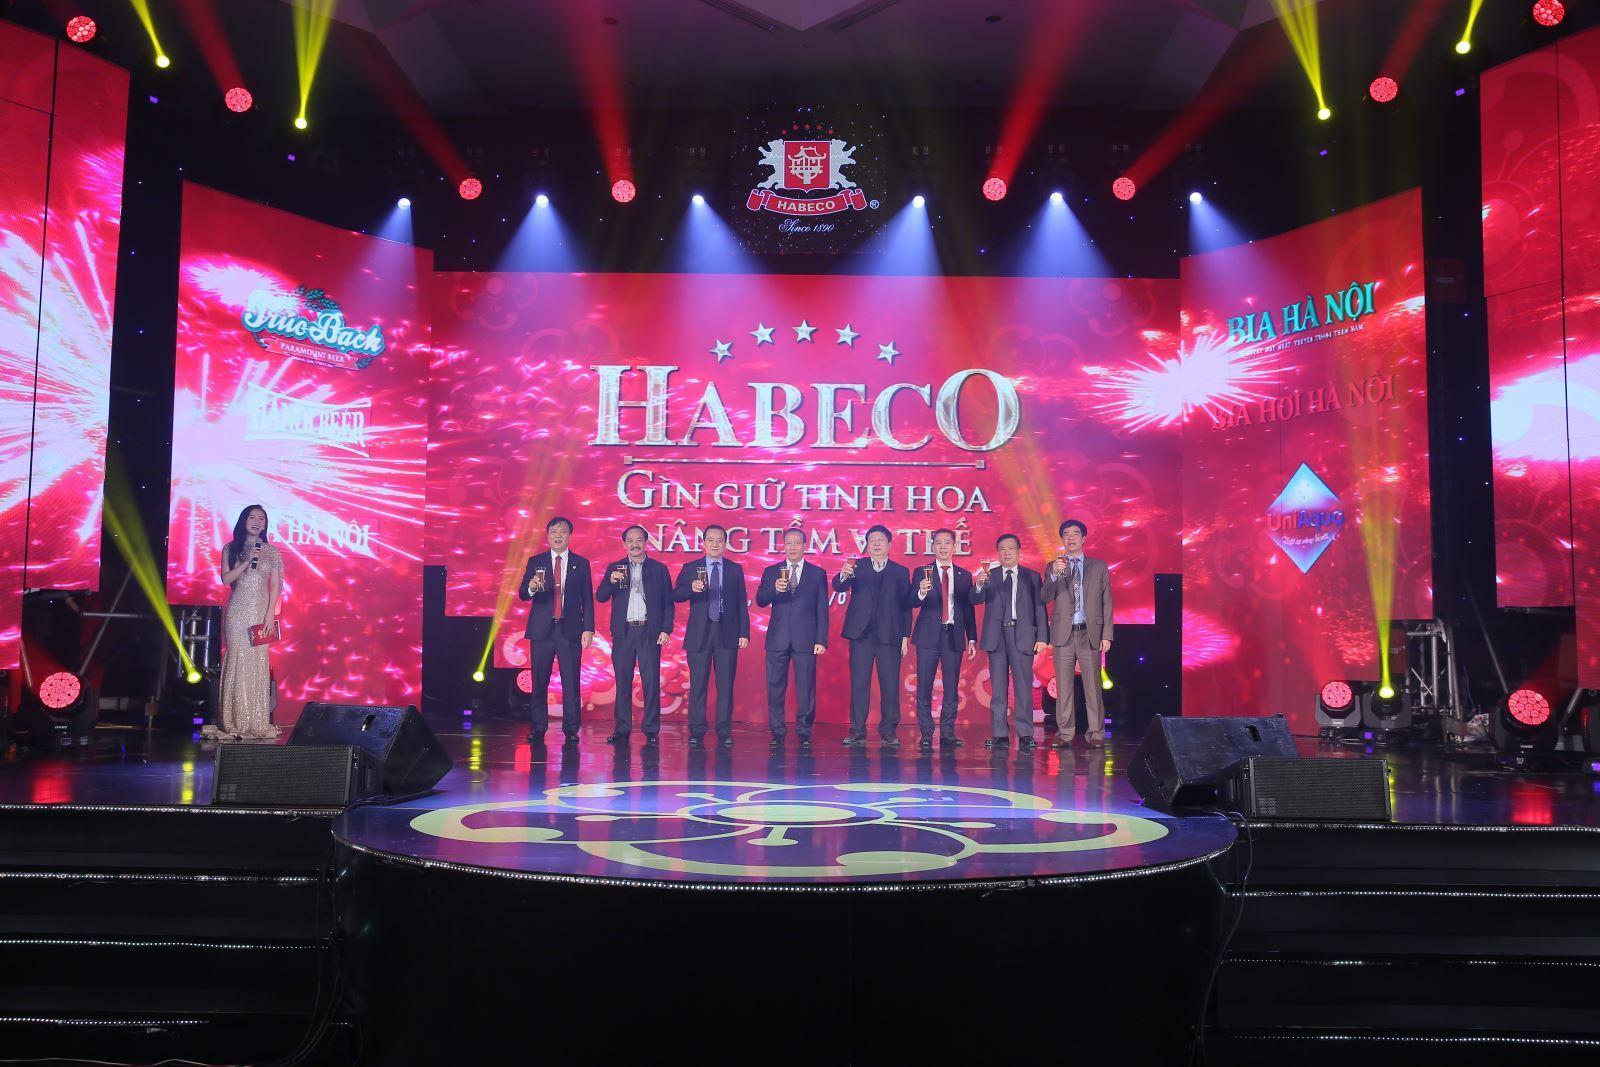 HABECO đặt mục tiêu doanh thu trên 12.000 tỷ đồng năm 2019